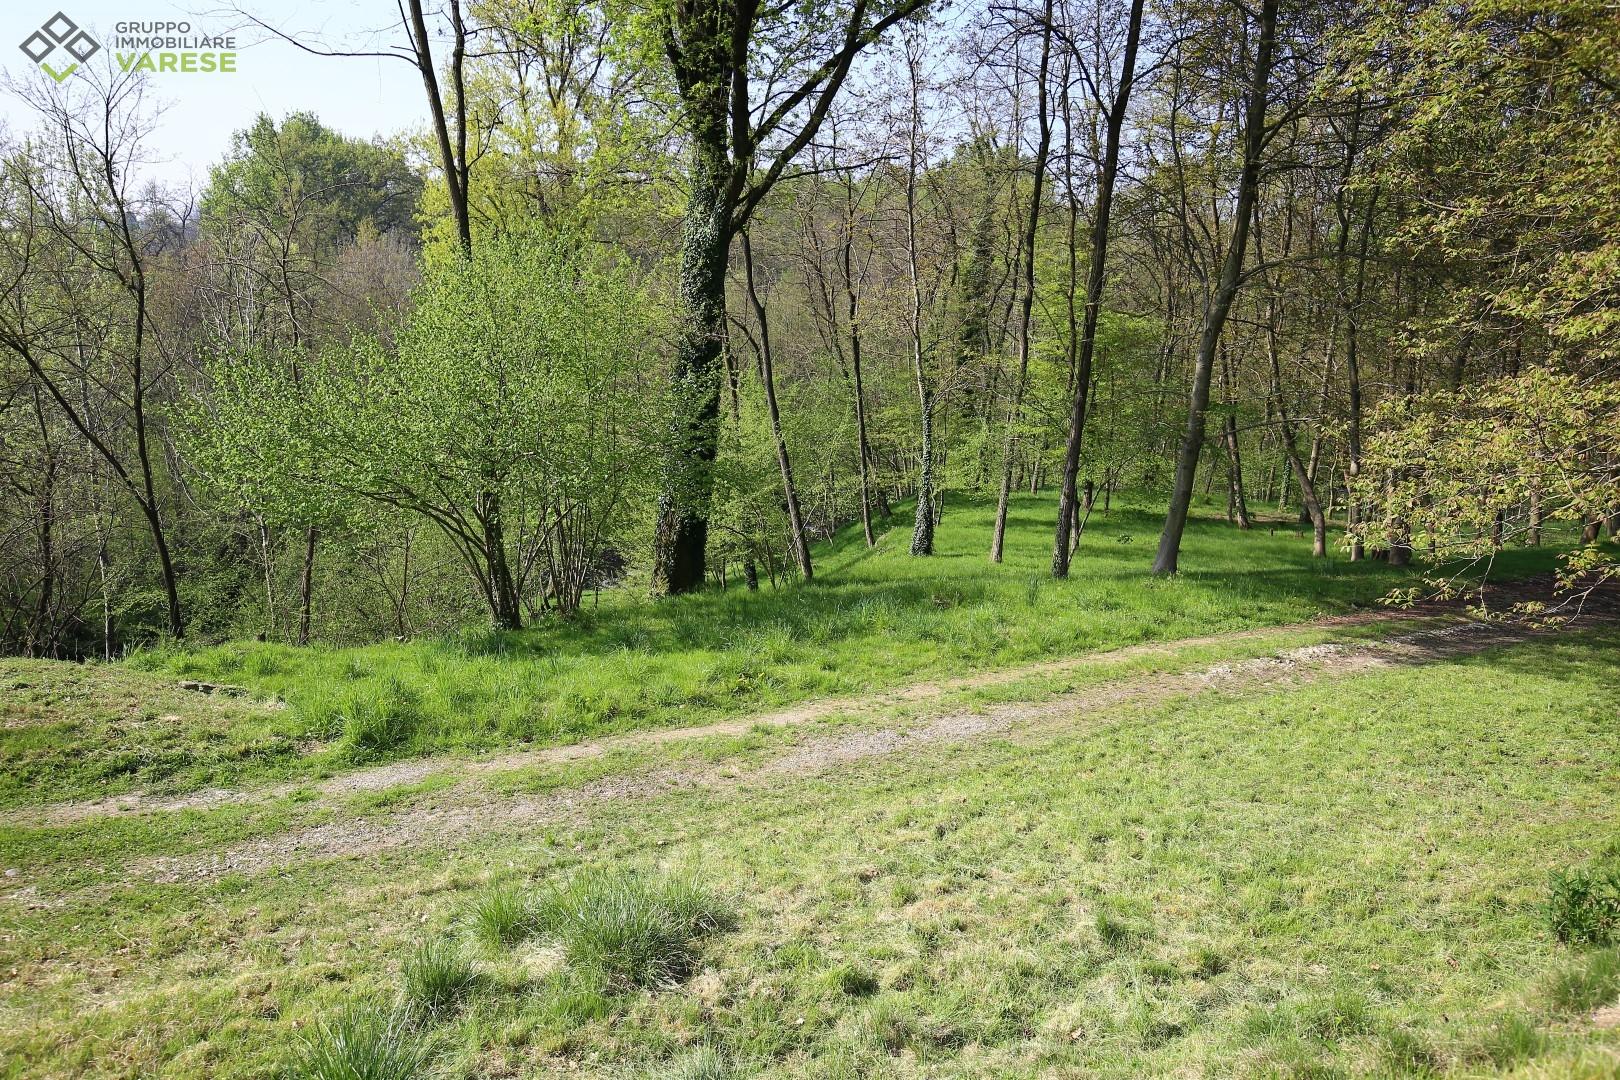 Terreno Edificabile Residenziale in vendita a Besozzo, 9999 locali, zona Zona: Bogno, prezzo € 85.000 | CambioCasa.it